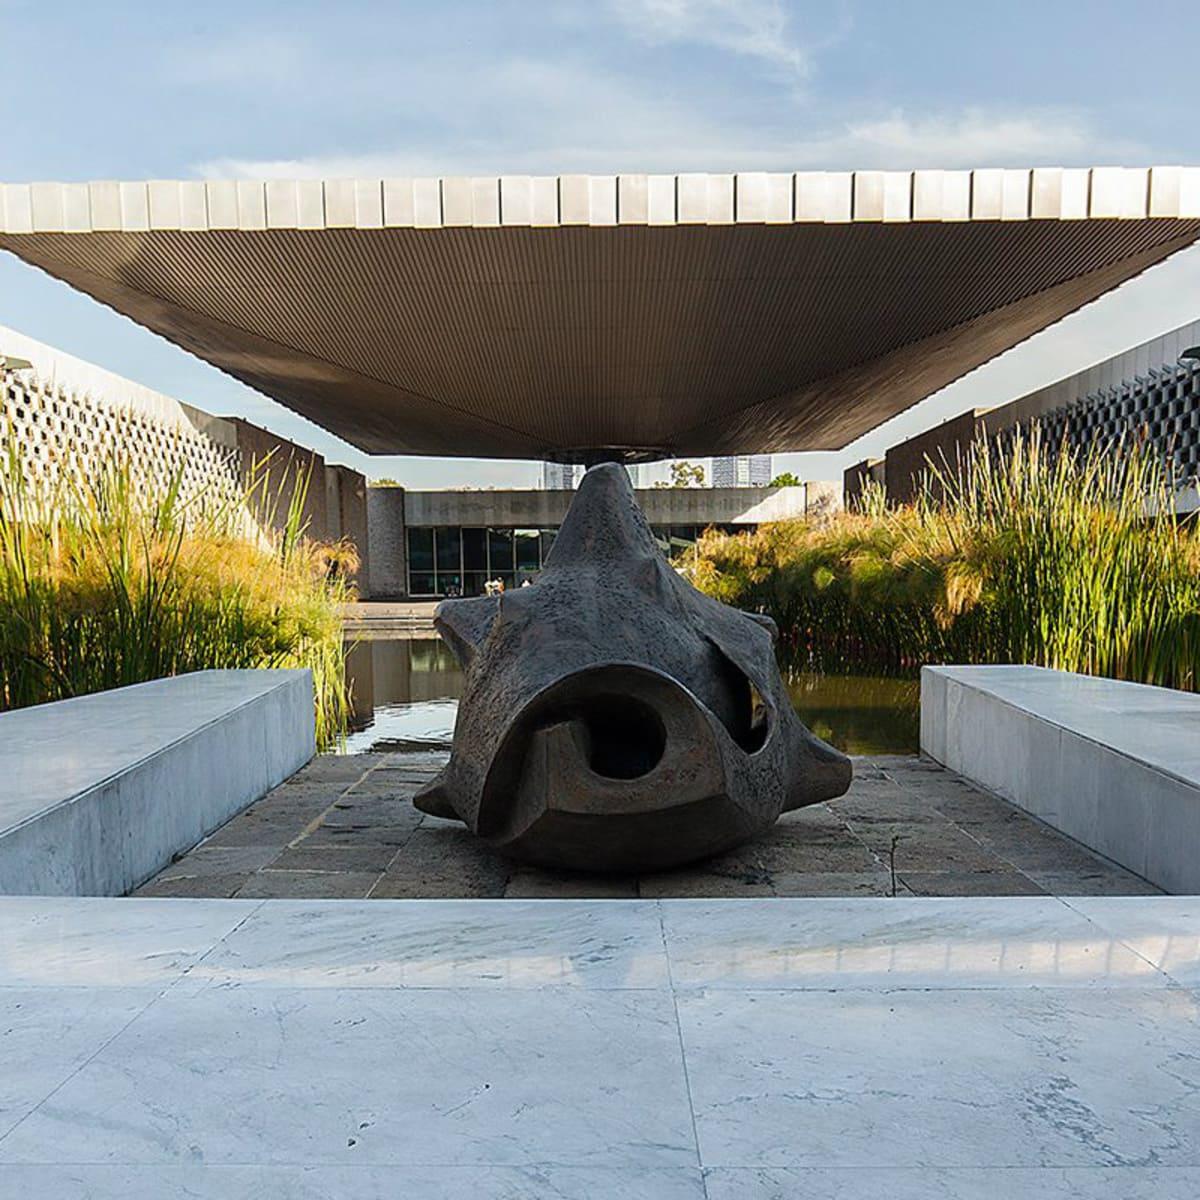 Museo Nacional de Antropologia